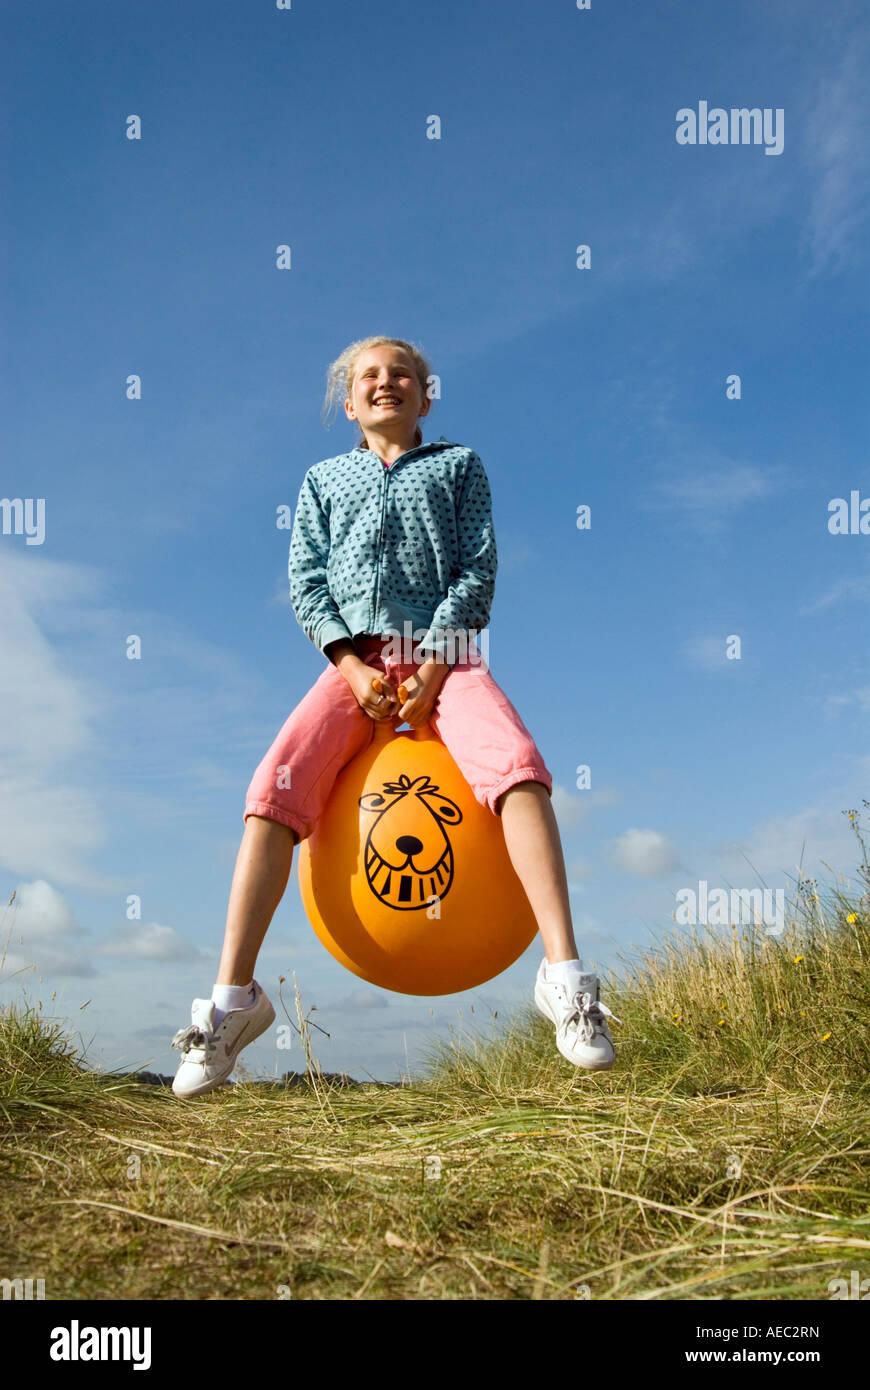 Jovem saltando sobre um Espaço a tremonha, Inglaterra REINO UNIDO Imagens de Stock